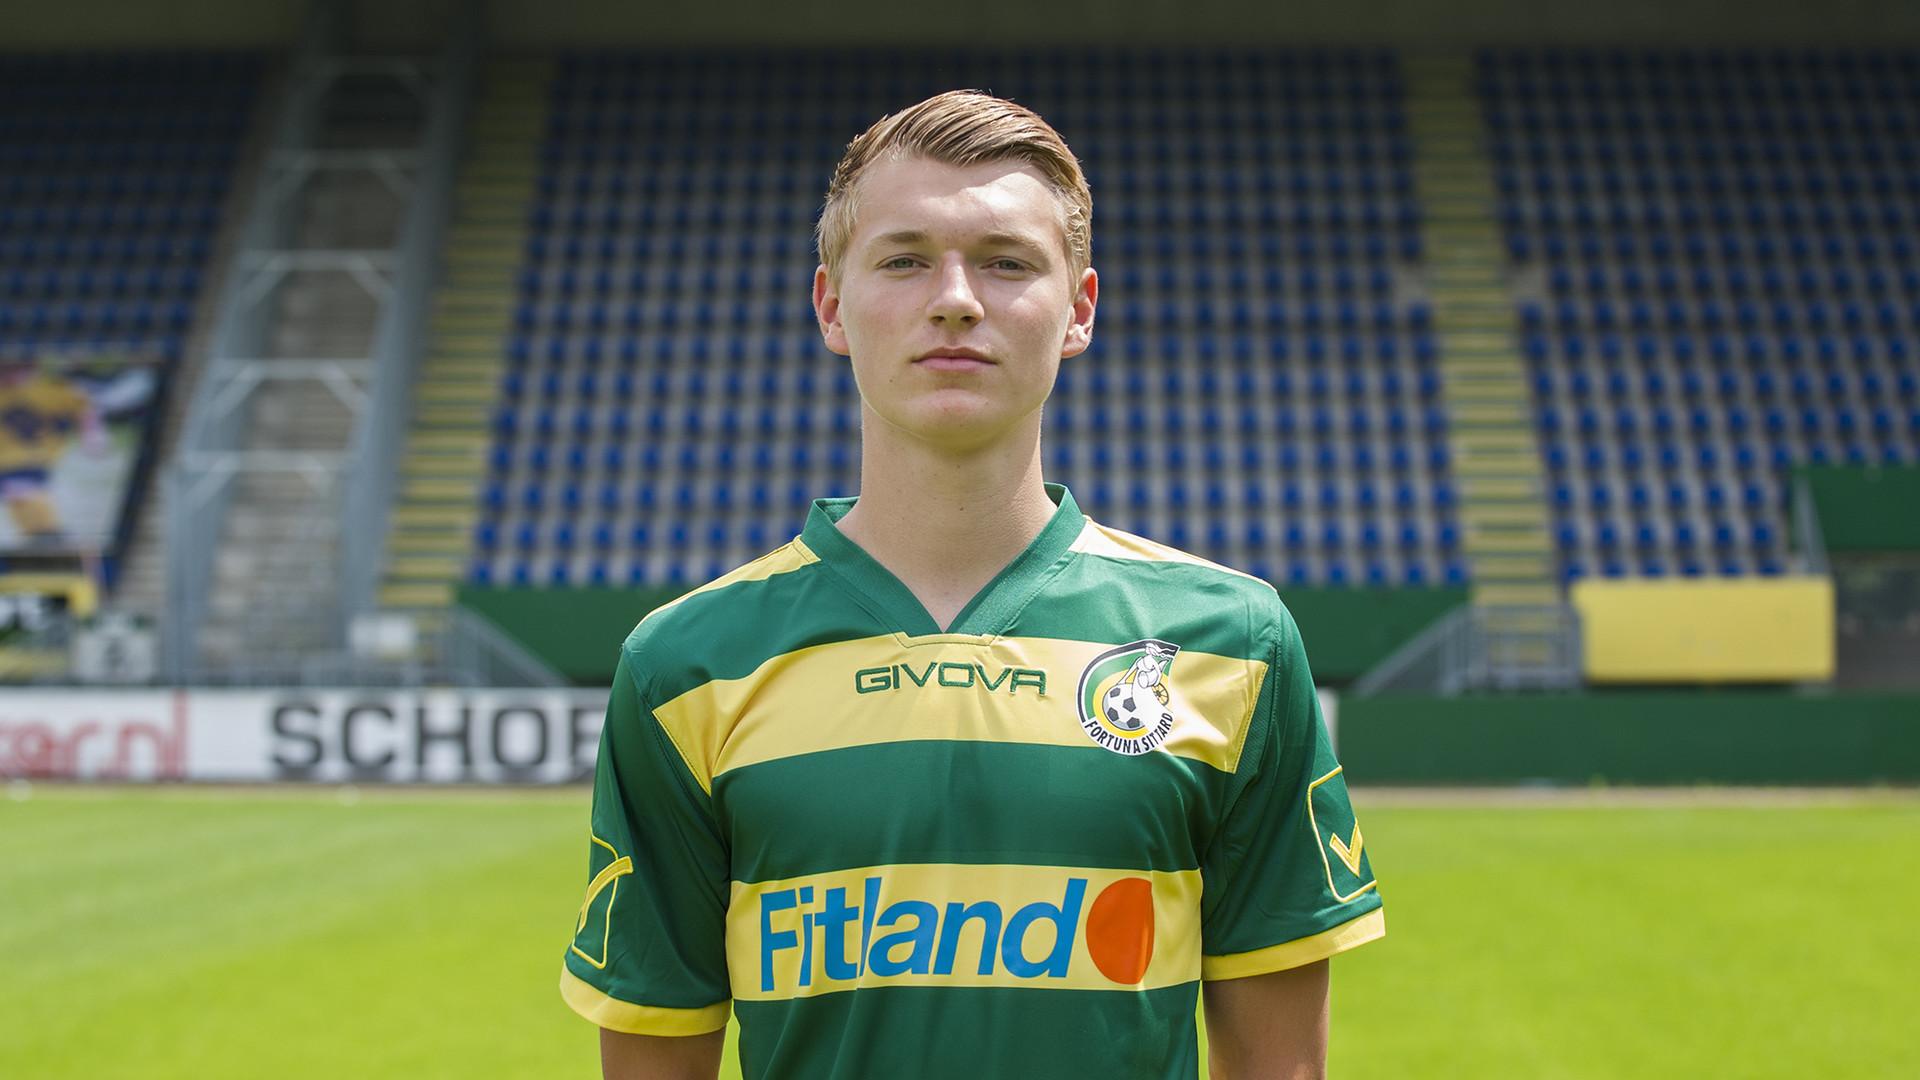 Perr Schuurs is jeugdinternational van het Nederlands elftal onder 19 jaar. De centrale verdediger debuteerde vorig seizoen in de hoofdmacht van Fortuna Sittard.